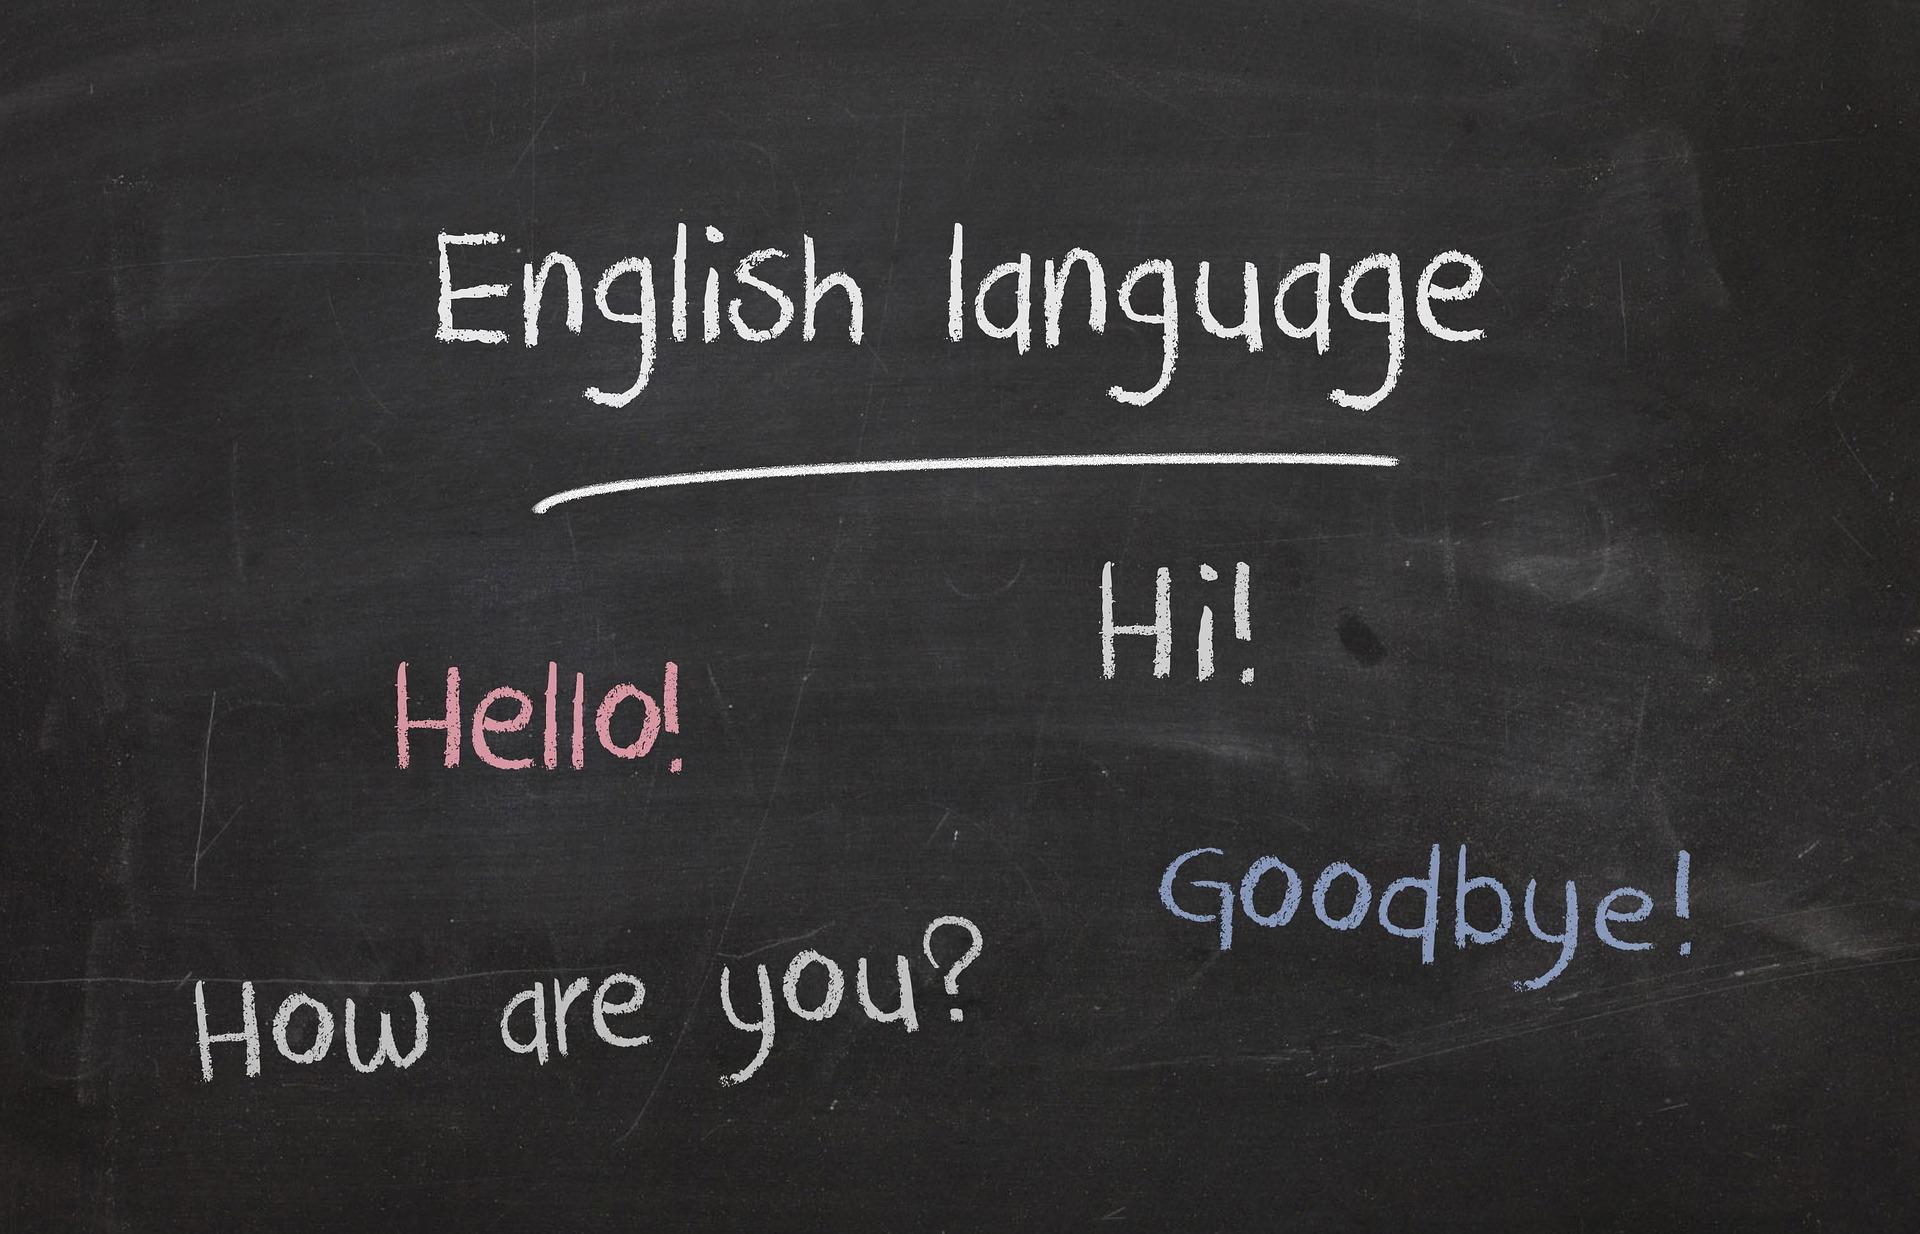 英語を話す